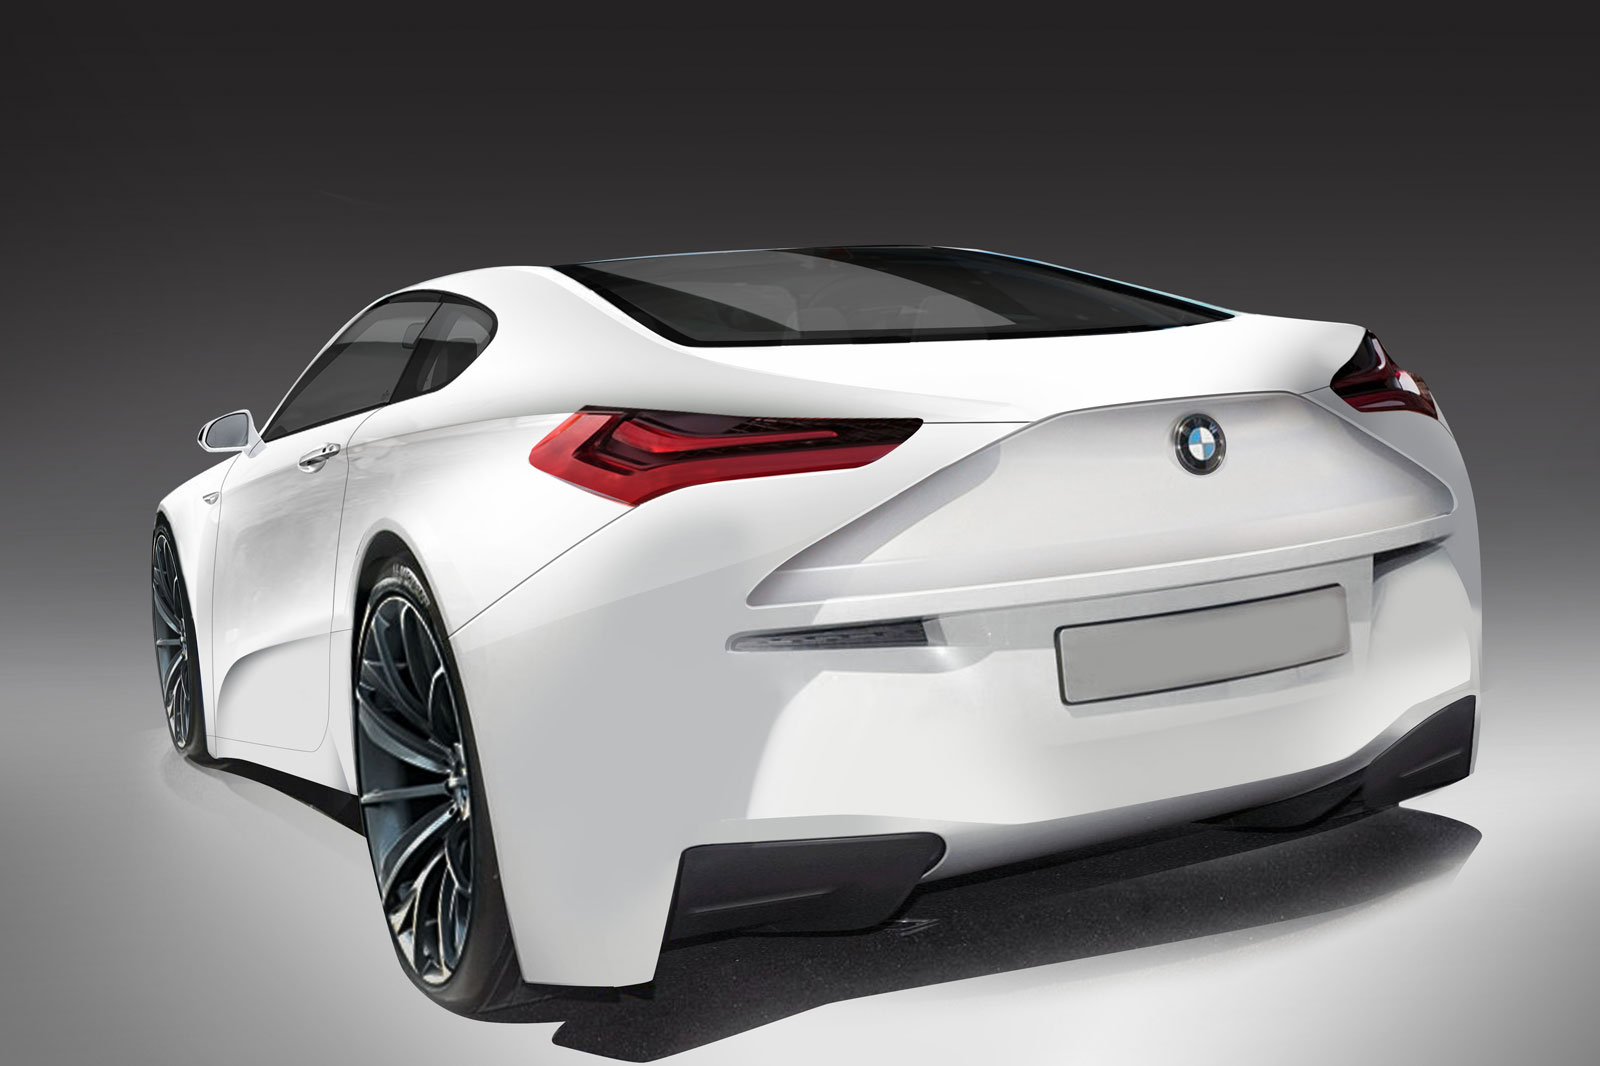 bmw-hybrid-supercar1